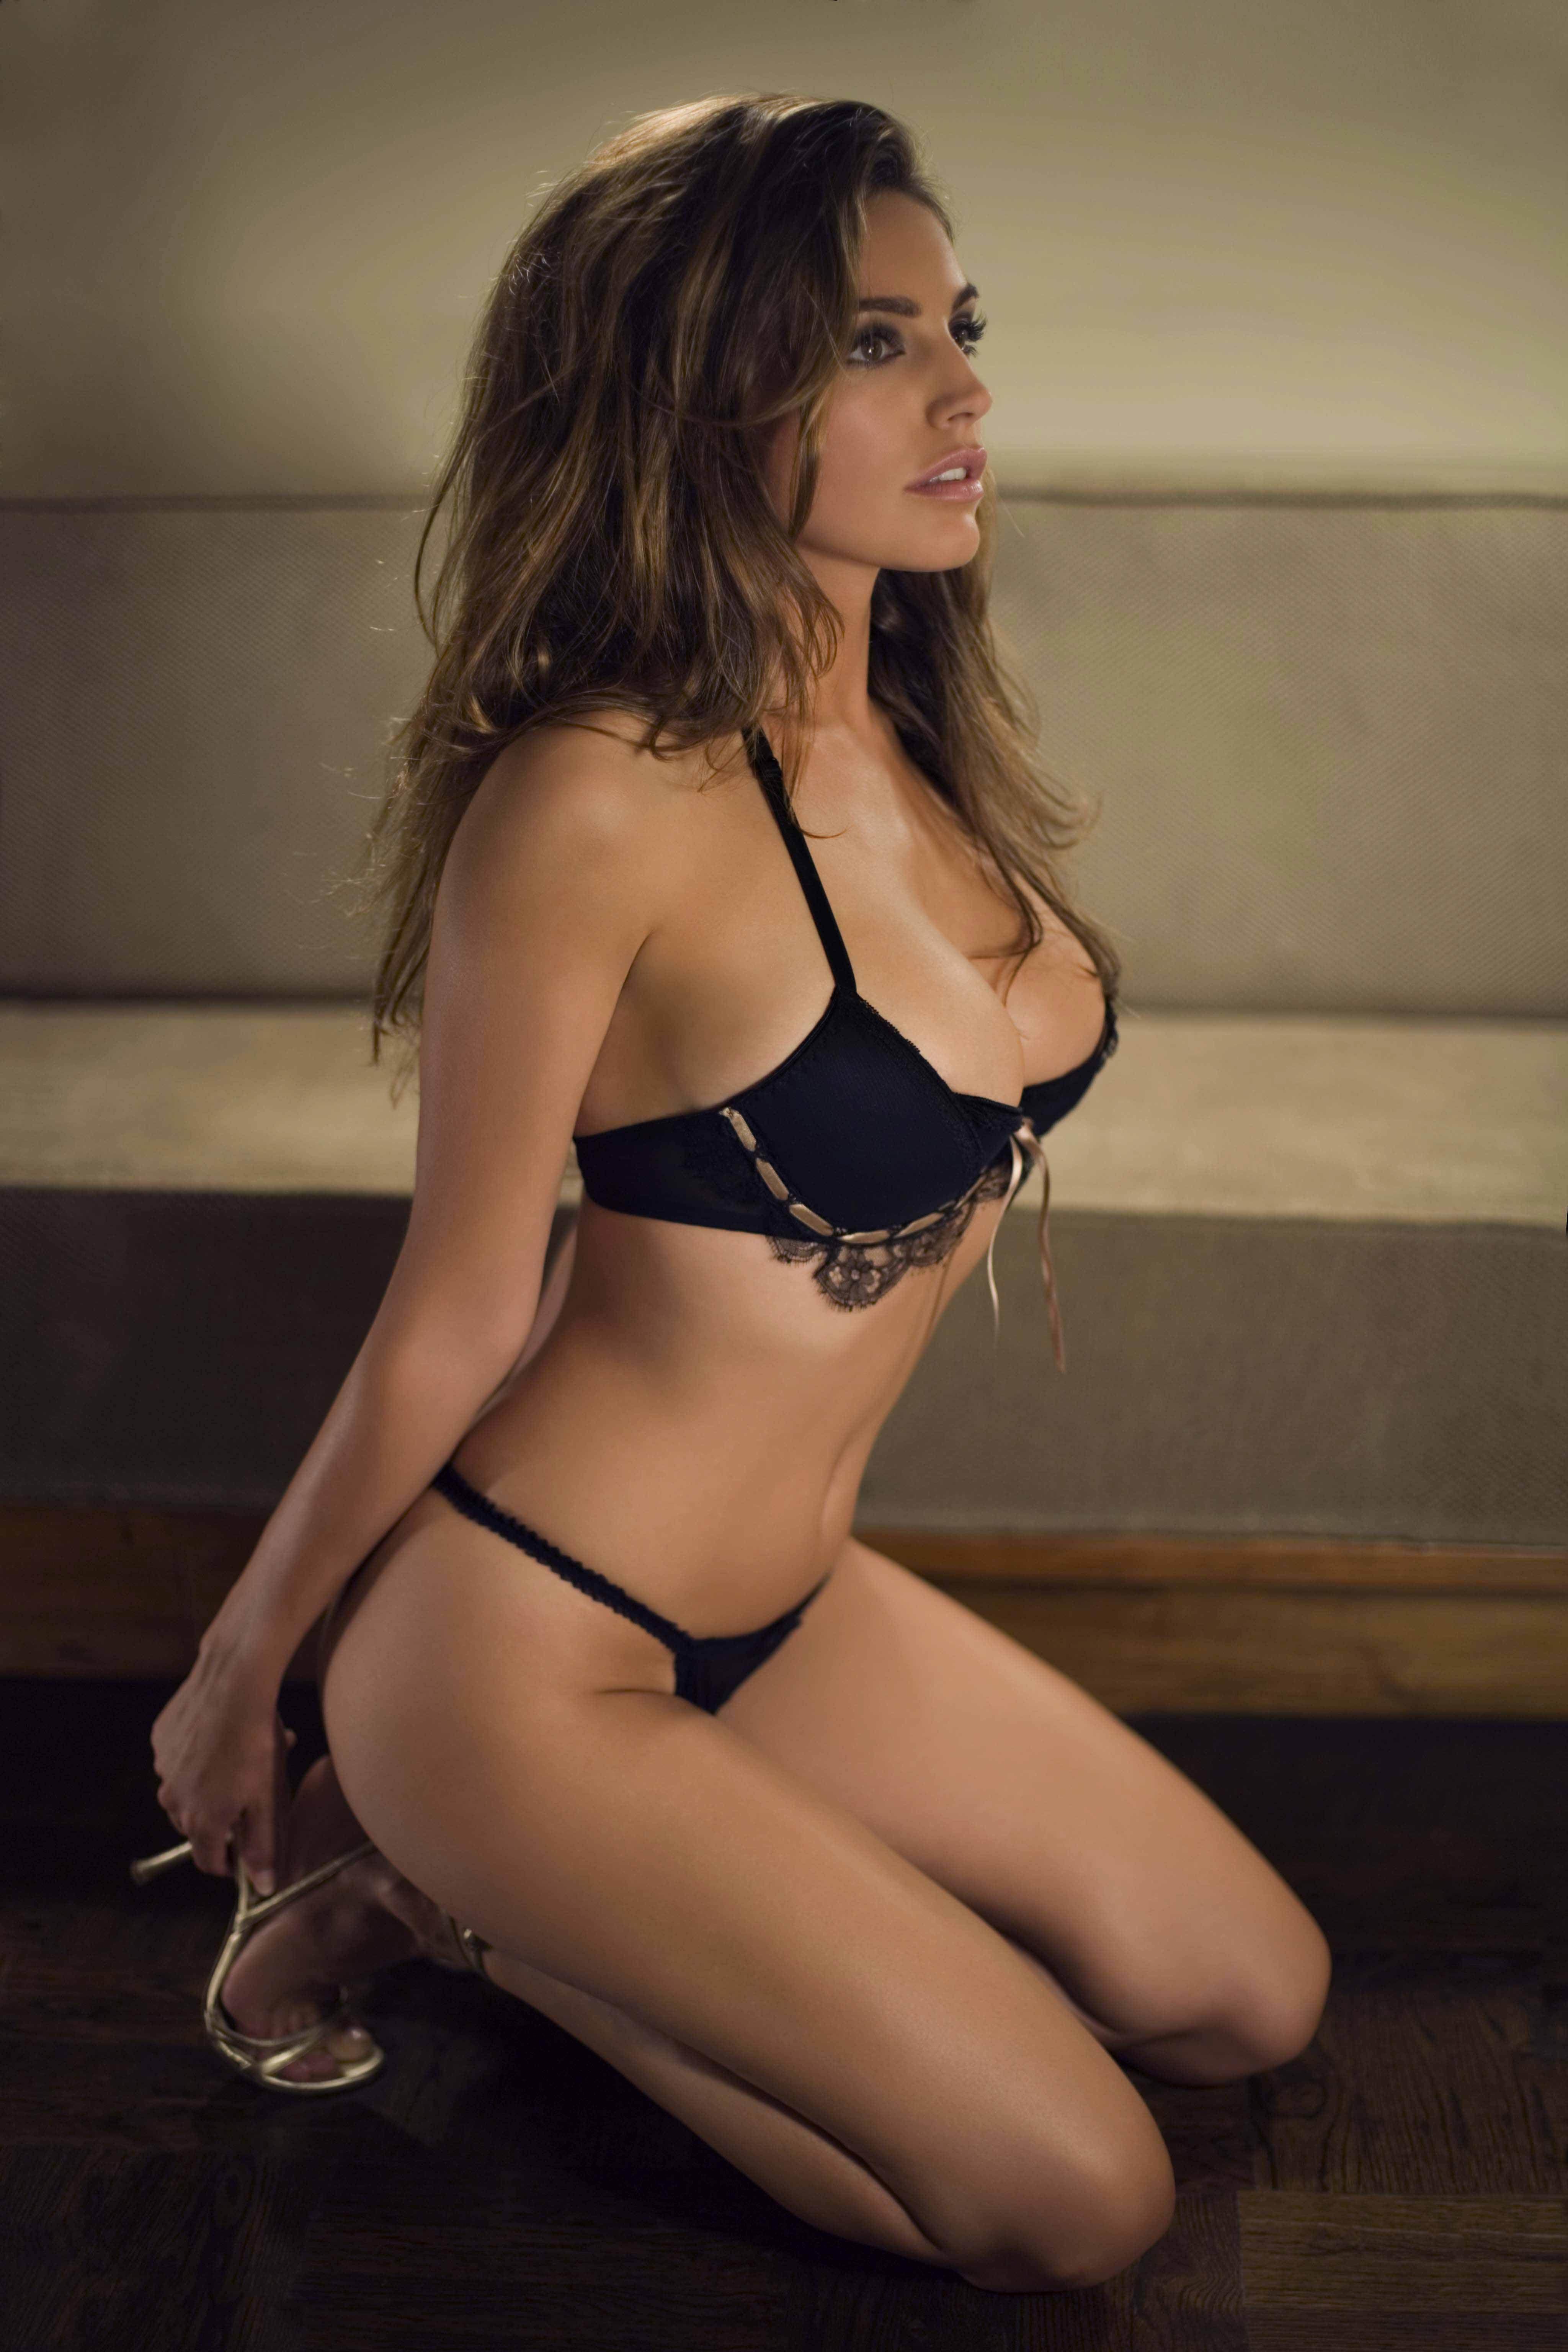 Самые красивые девушки мира сексуальные фото 5 фотография